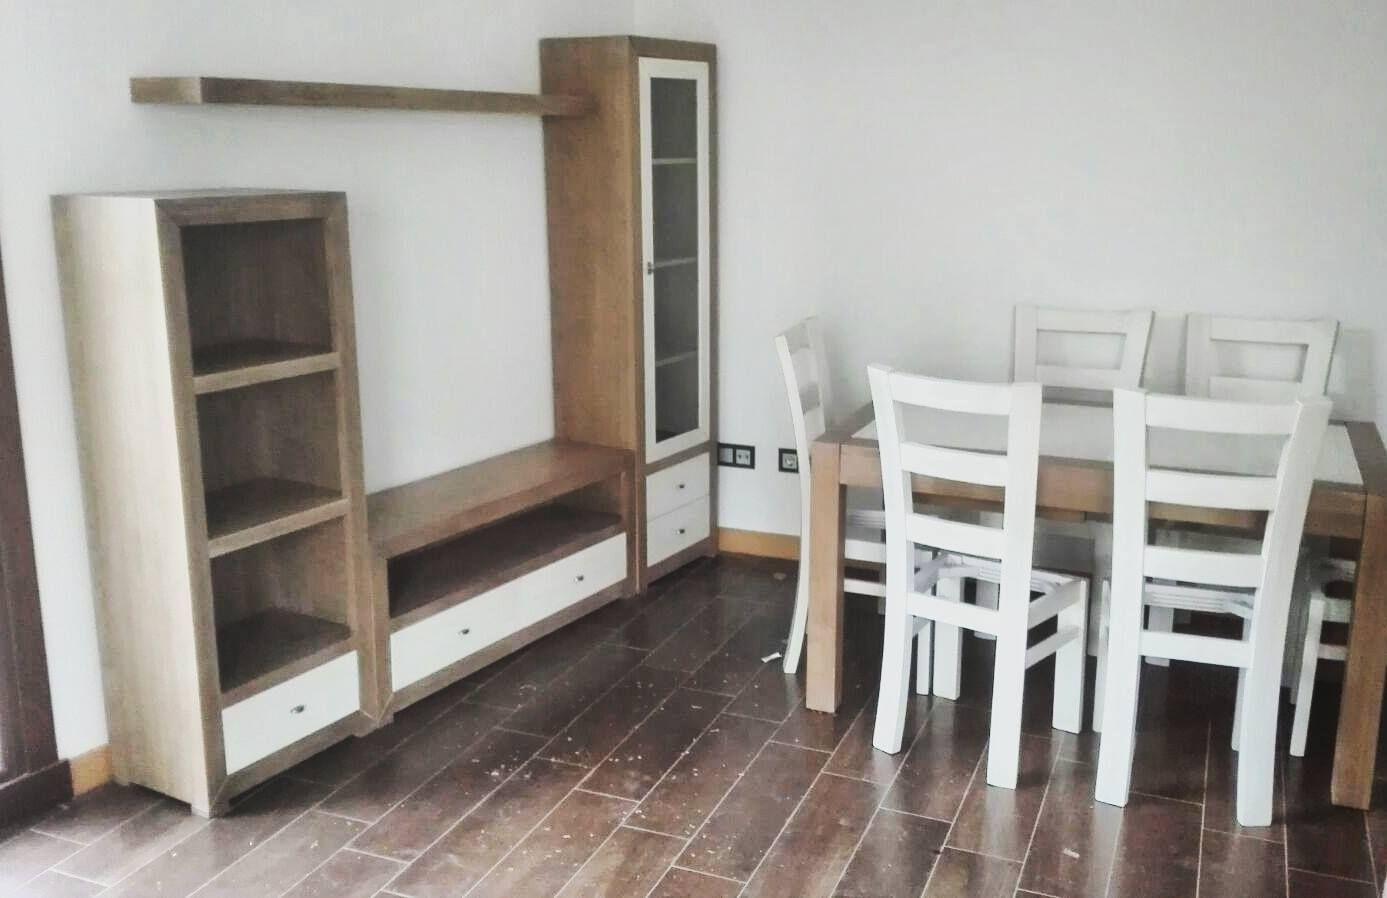 Realizamos muebles a medida, envíanos tu boceto y te pasamos presupuesto. Como este salon!!!